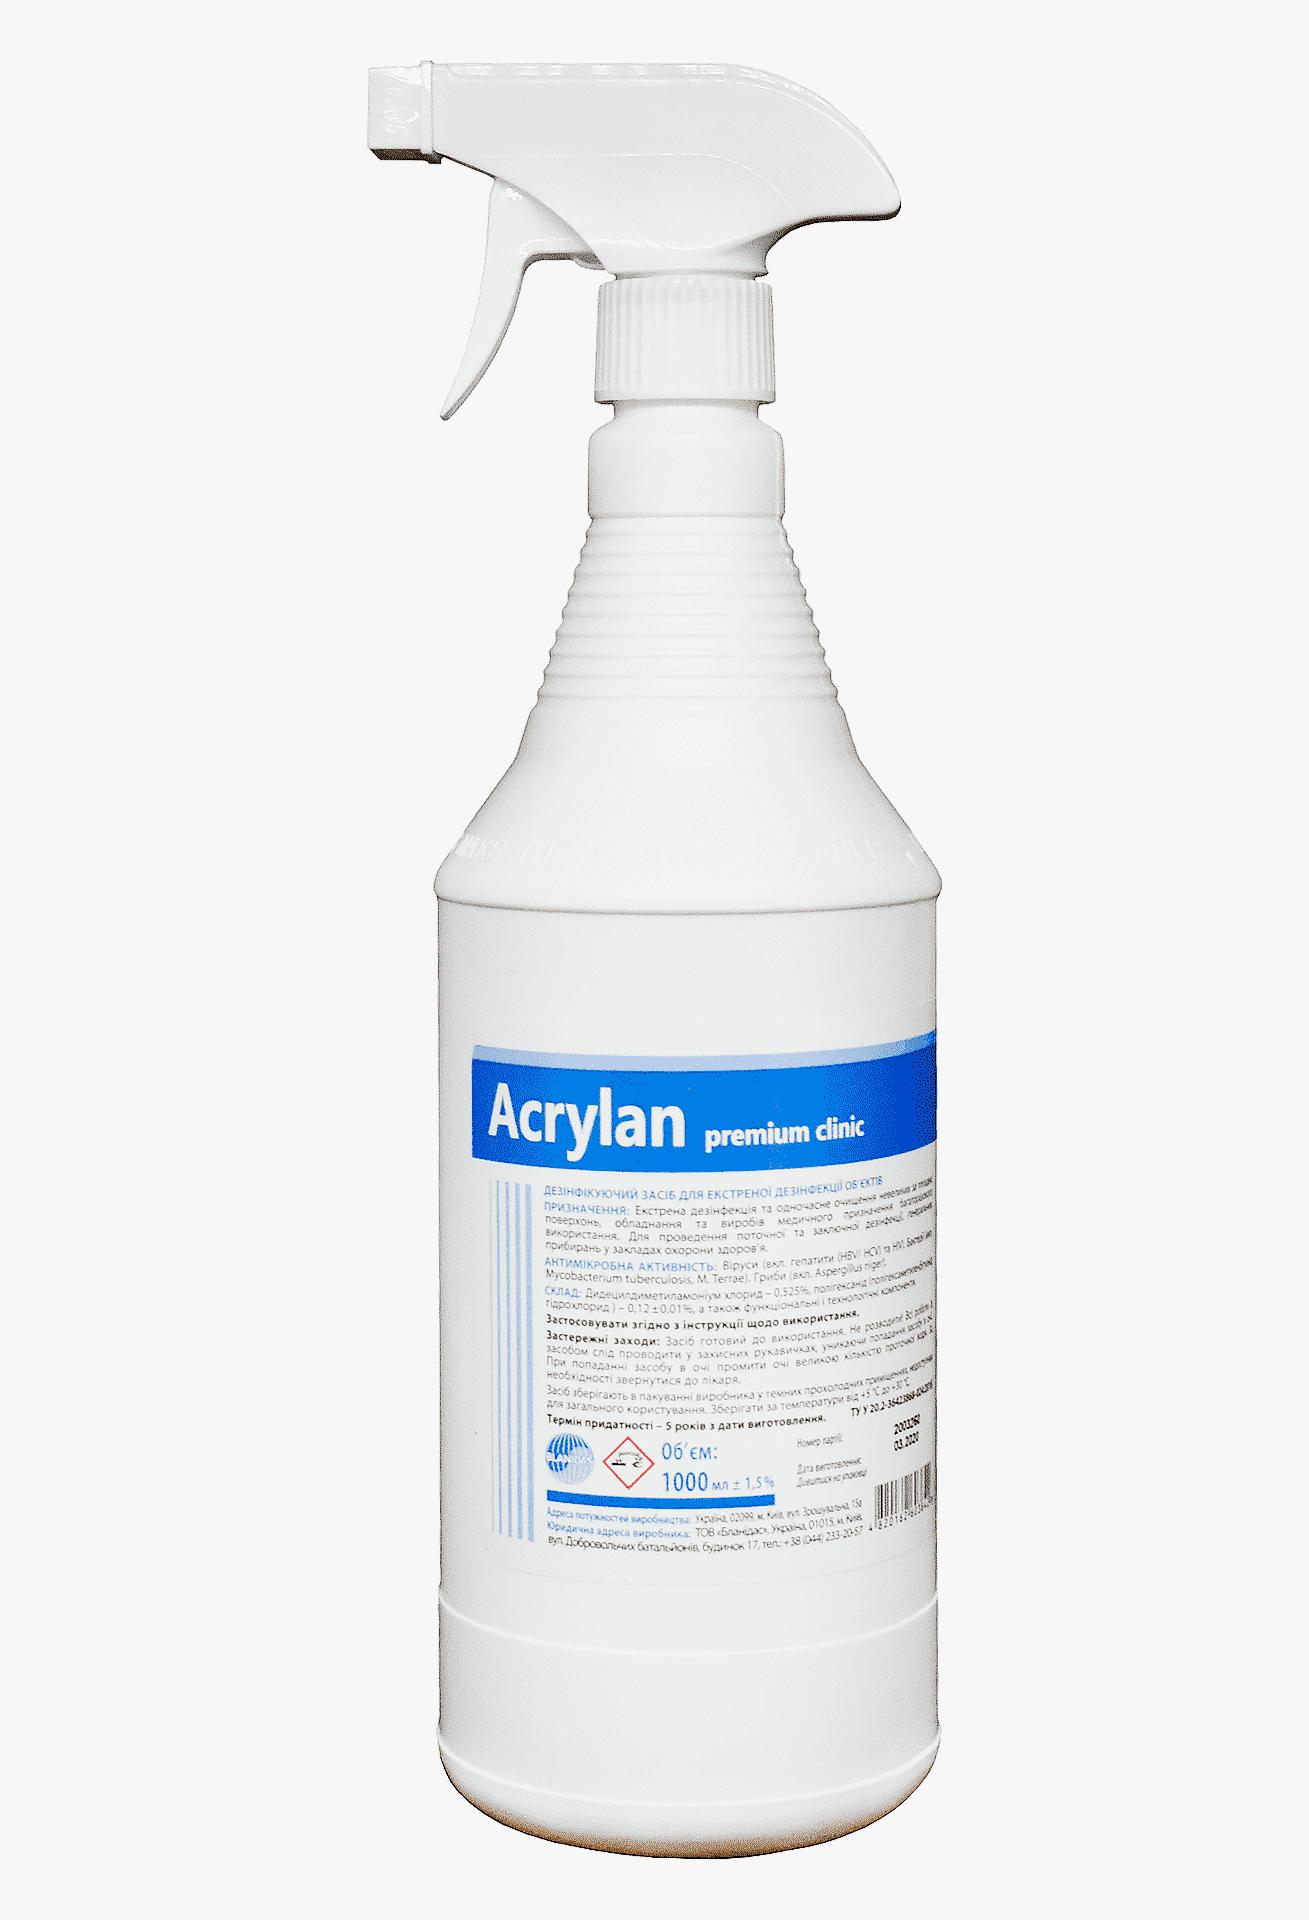 Акрилан преміум клінік з розпилювачем, 1л